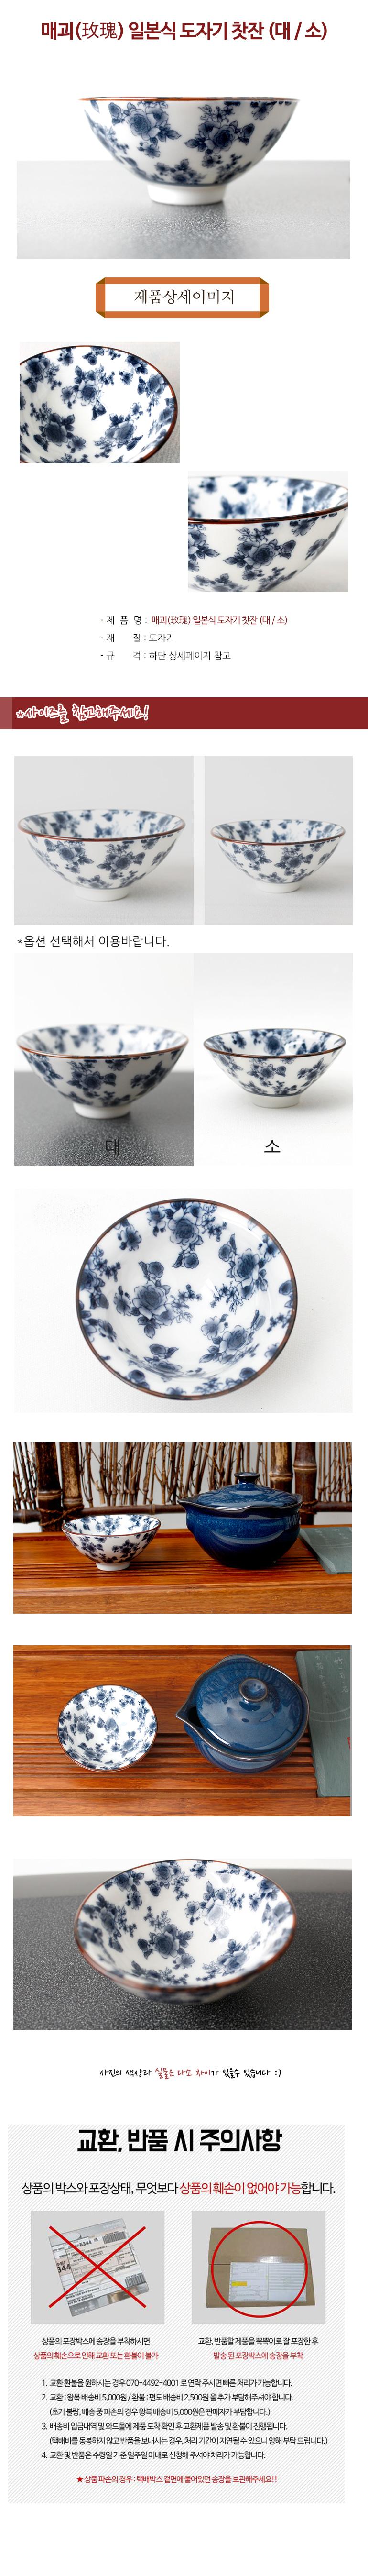 매괴 일본식 도자기 찻잔 (대 소) - 와드몰, 4,100원, 커피잔/찻잔, 커피잔/찻잔